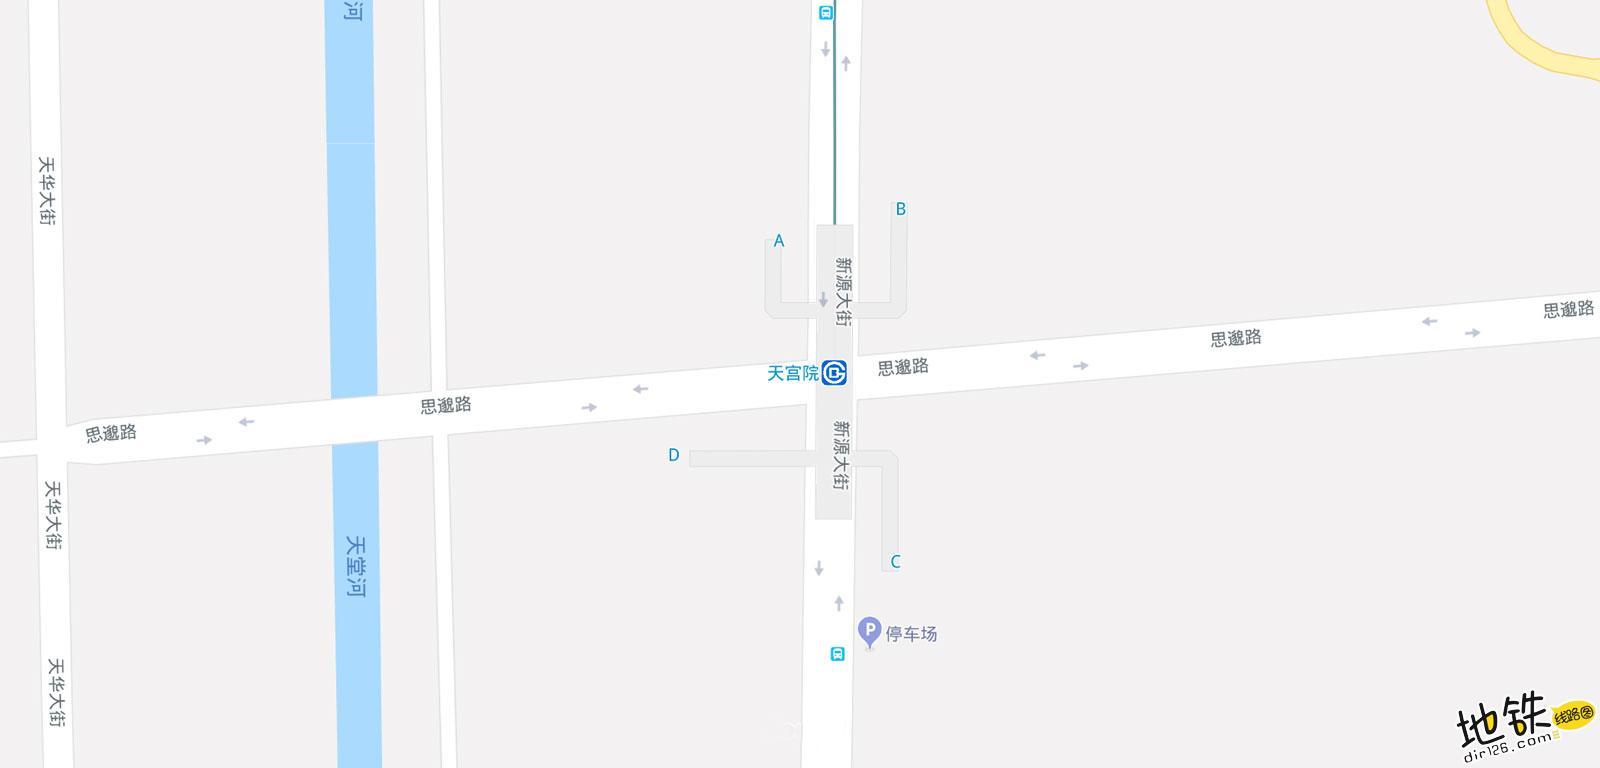 天宫院地铁站 北京地铁天宫院站出入口 地图信息查询  北京地铁站  第2张